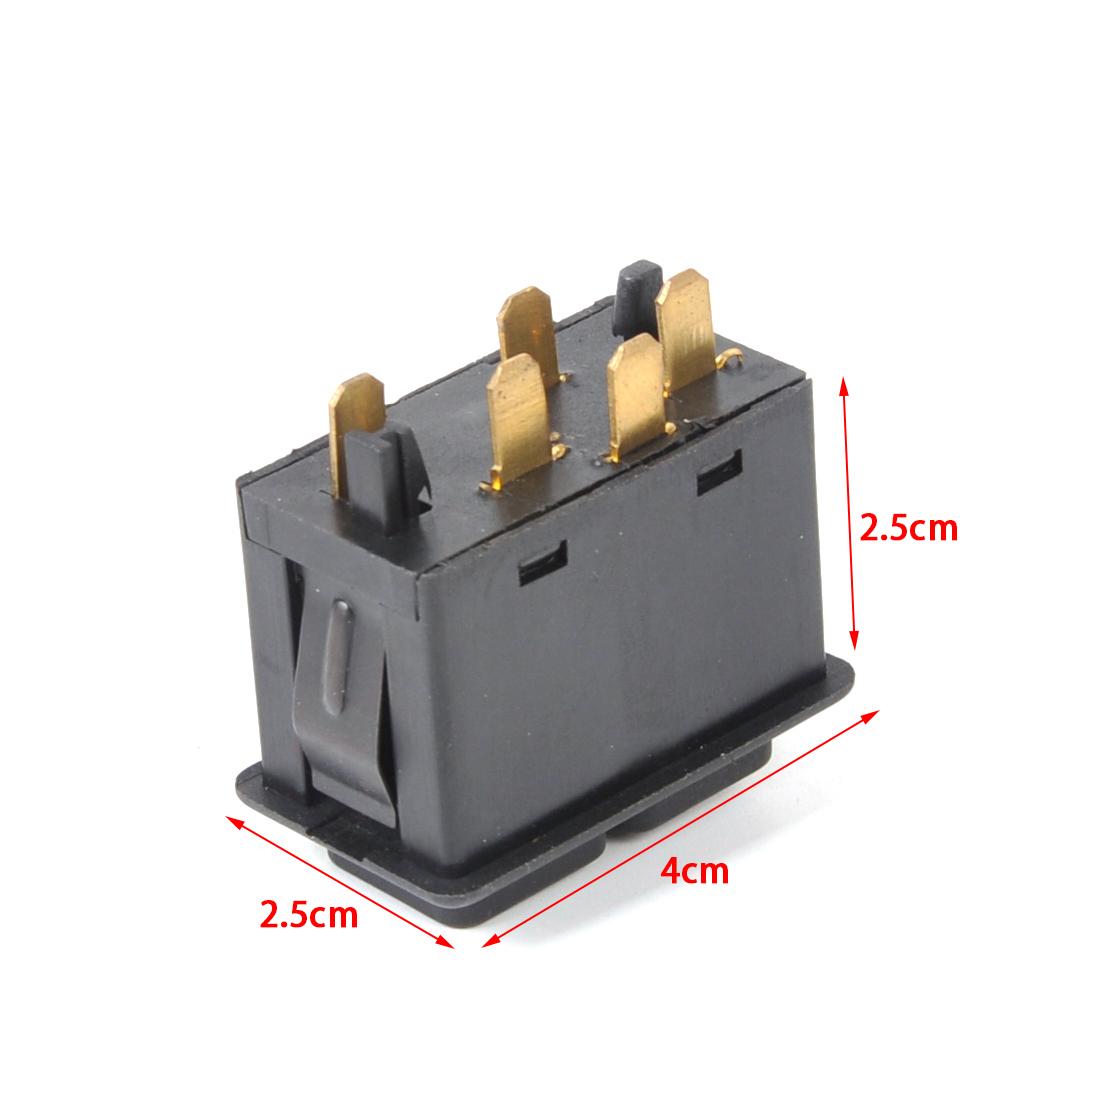 Bmw 525i Wiring Diagram Bmw Wiring Diagramse30 E28 E34 E24 E23